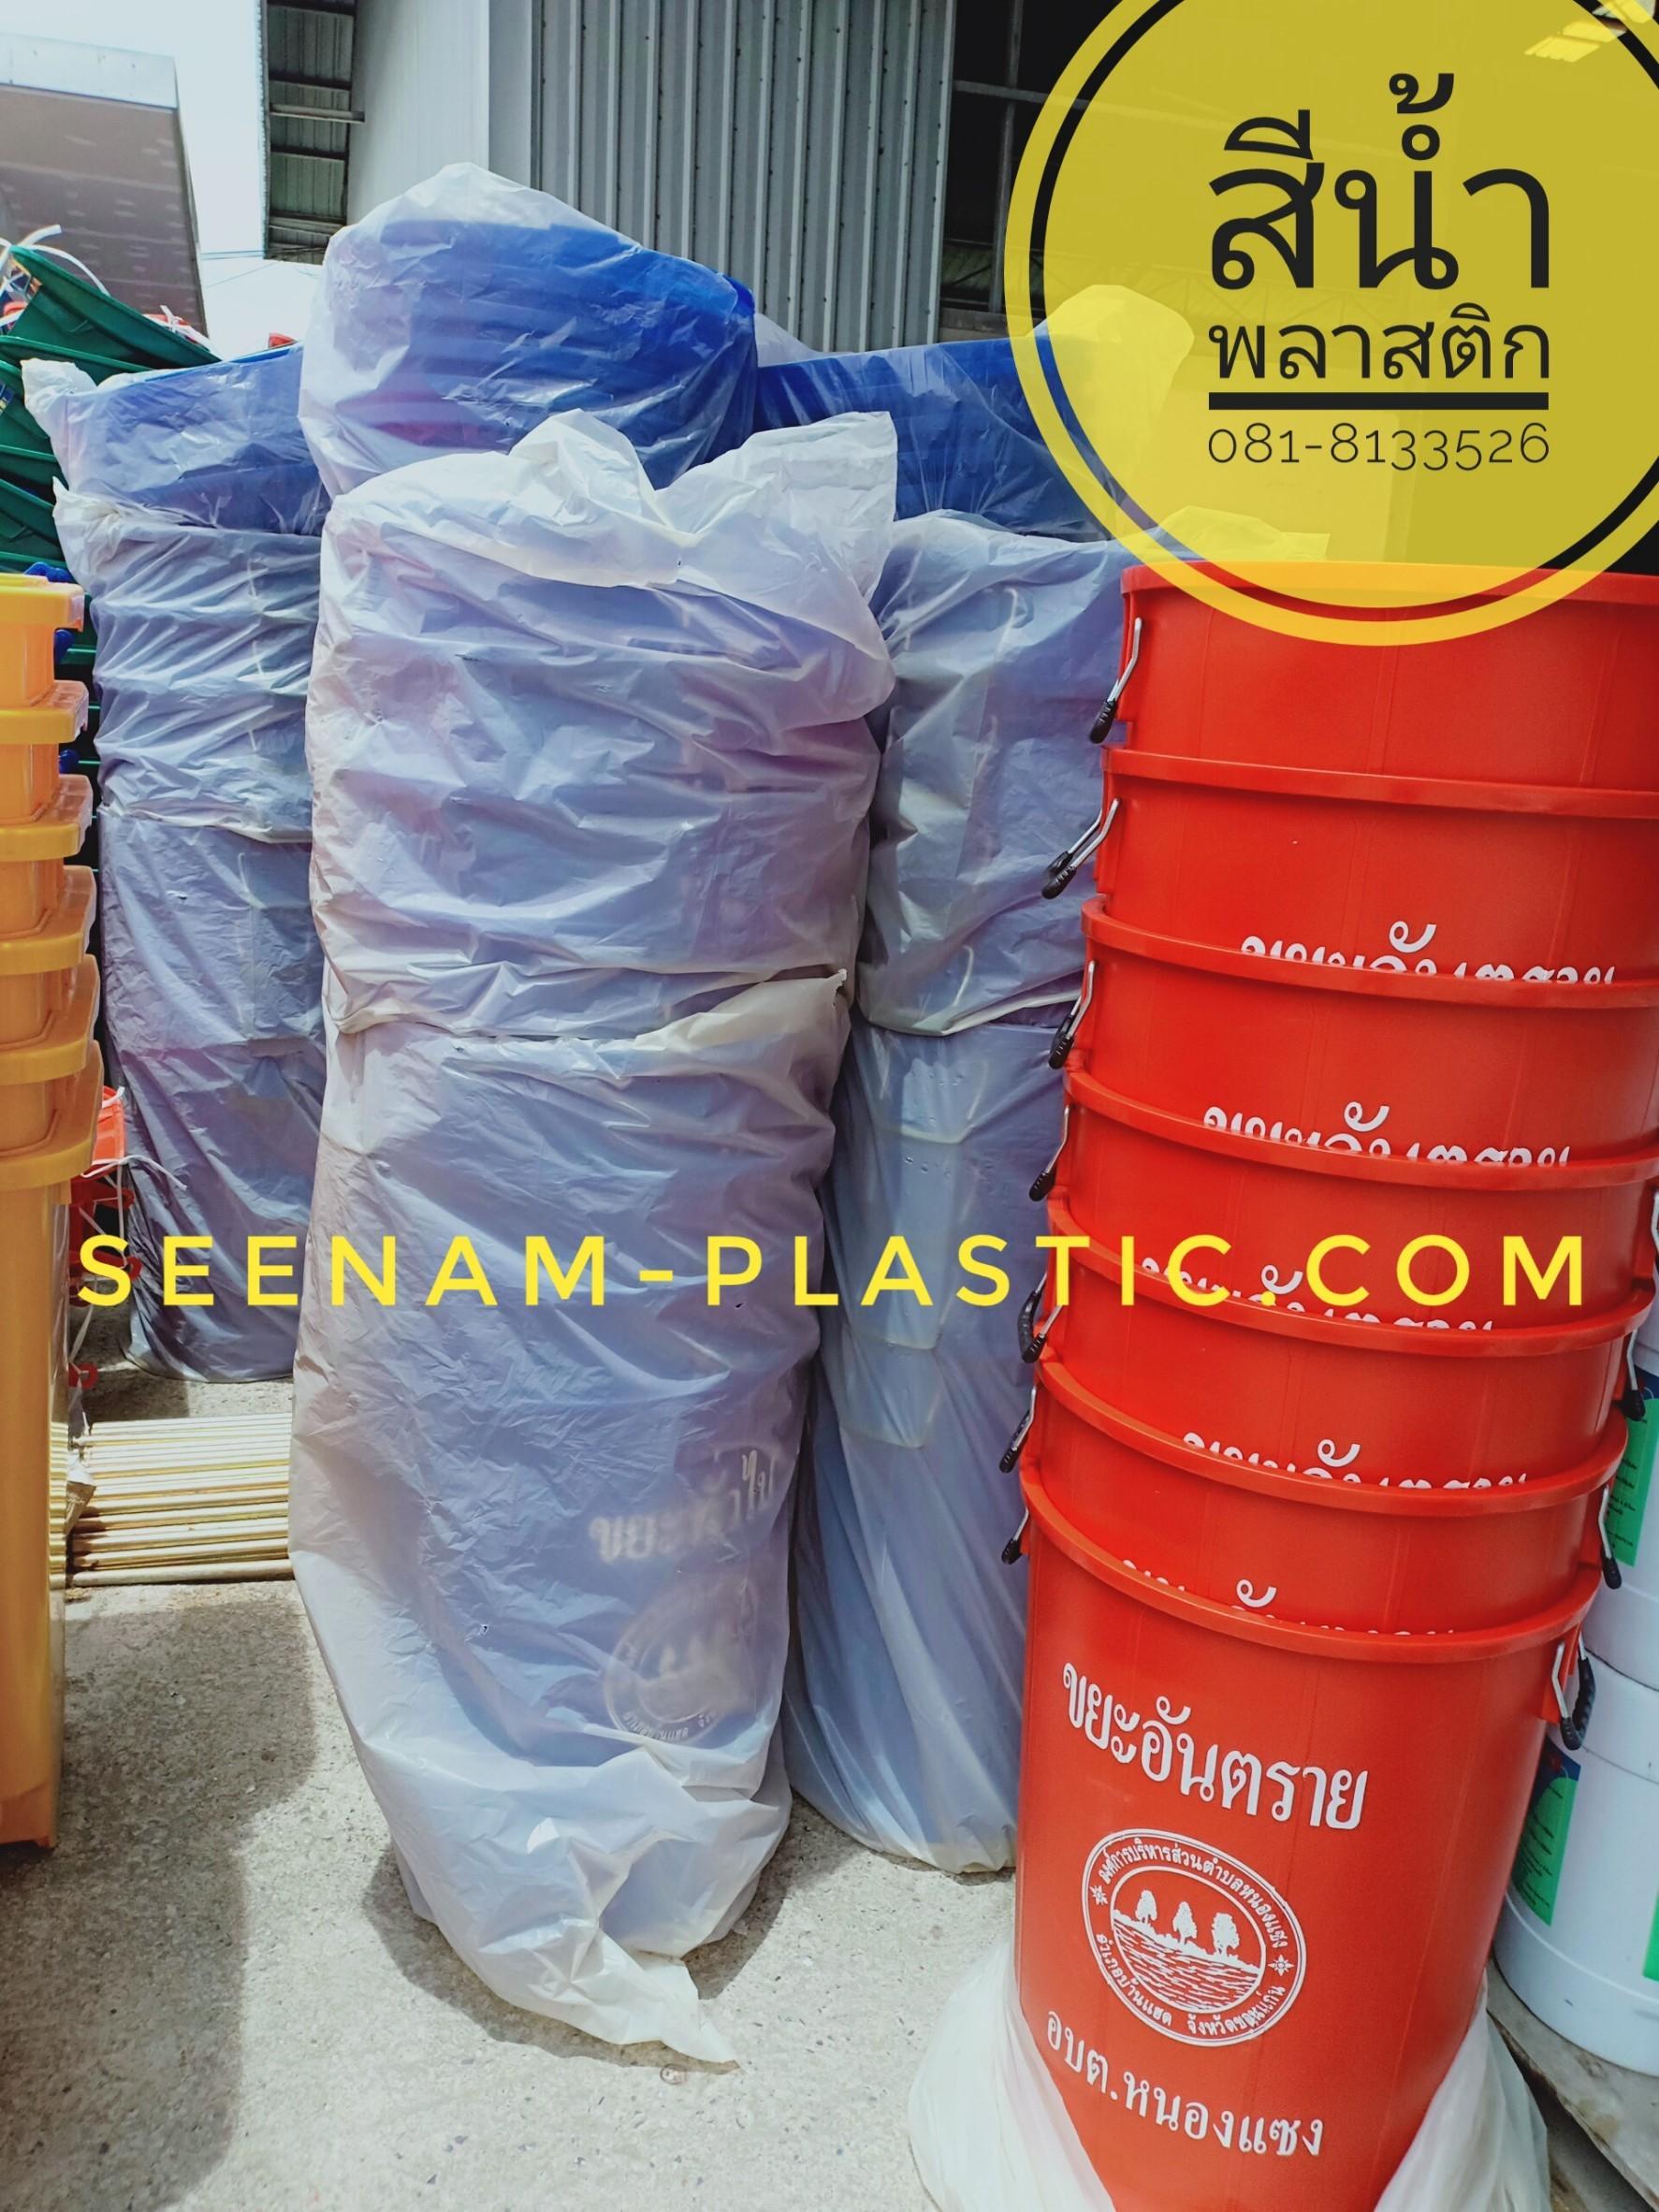 ถังขยะ100ลิตร ถังขยะพลาสติก100ลิตร มีล้อ ถังขยะพลาสติก ถังขยะเทศบาล ถังขยะกทม ขายส่งถังขยะพลาสติก